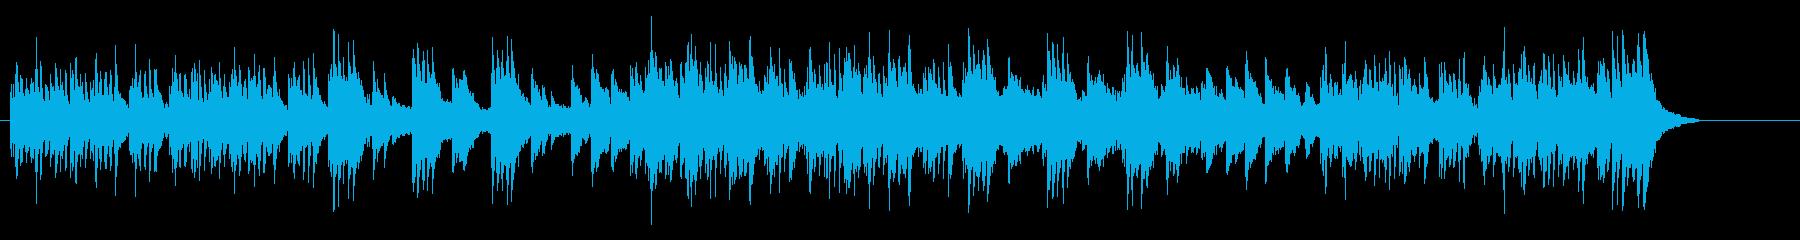 優しく軽やかなナチュラルポップスの再生済みの波形